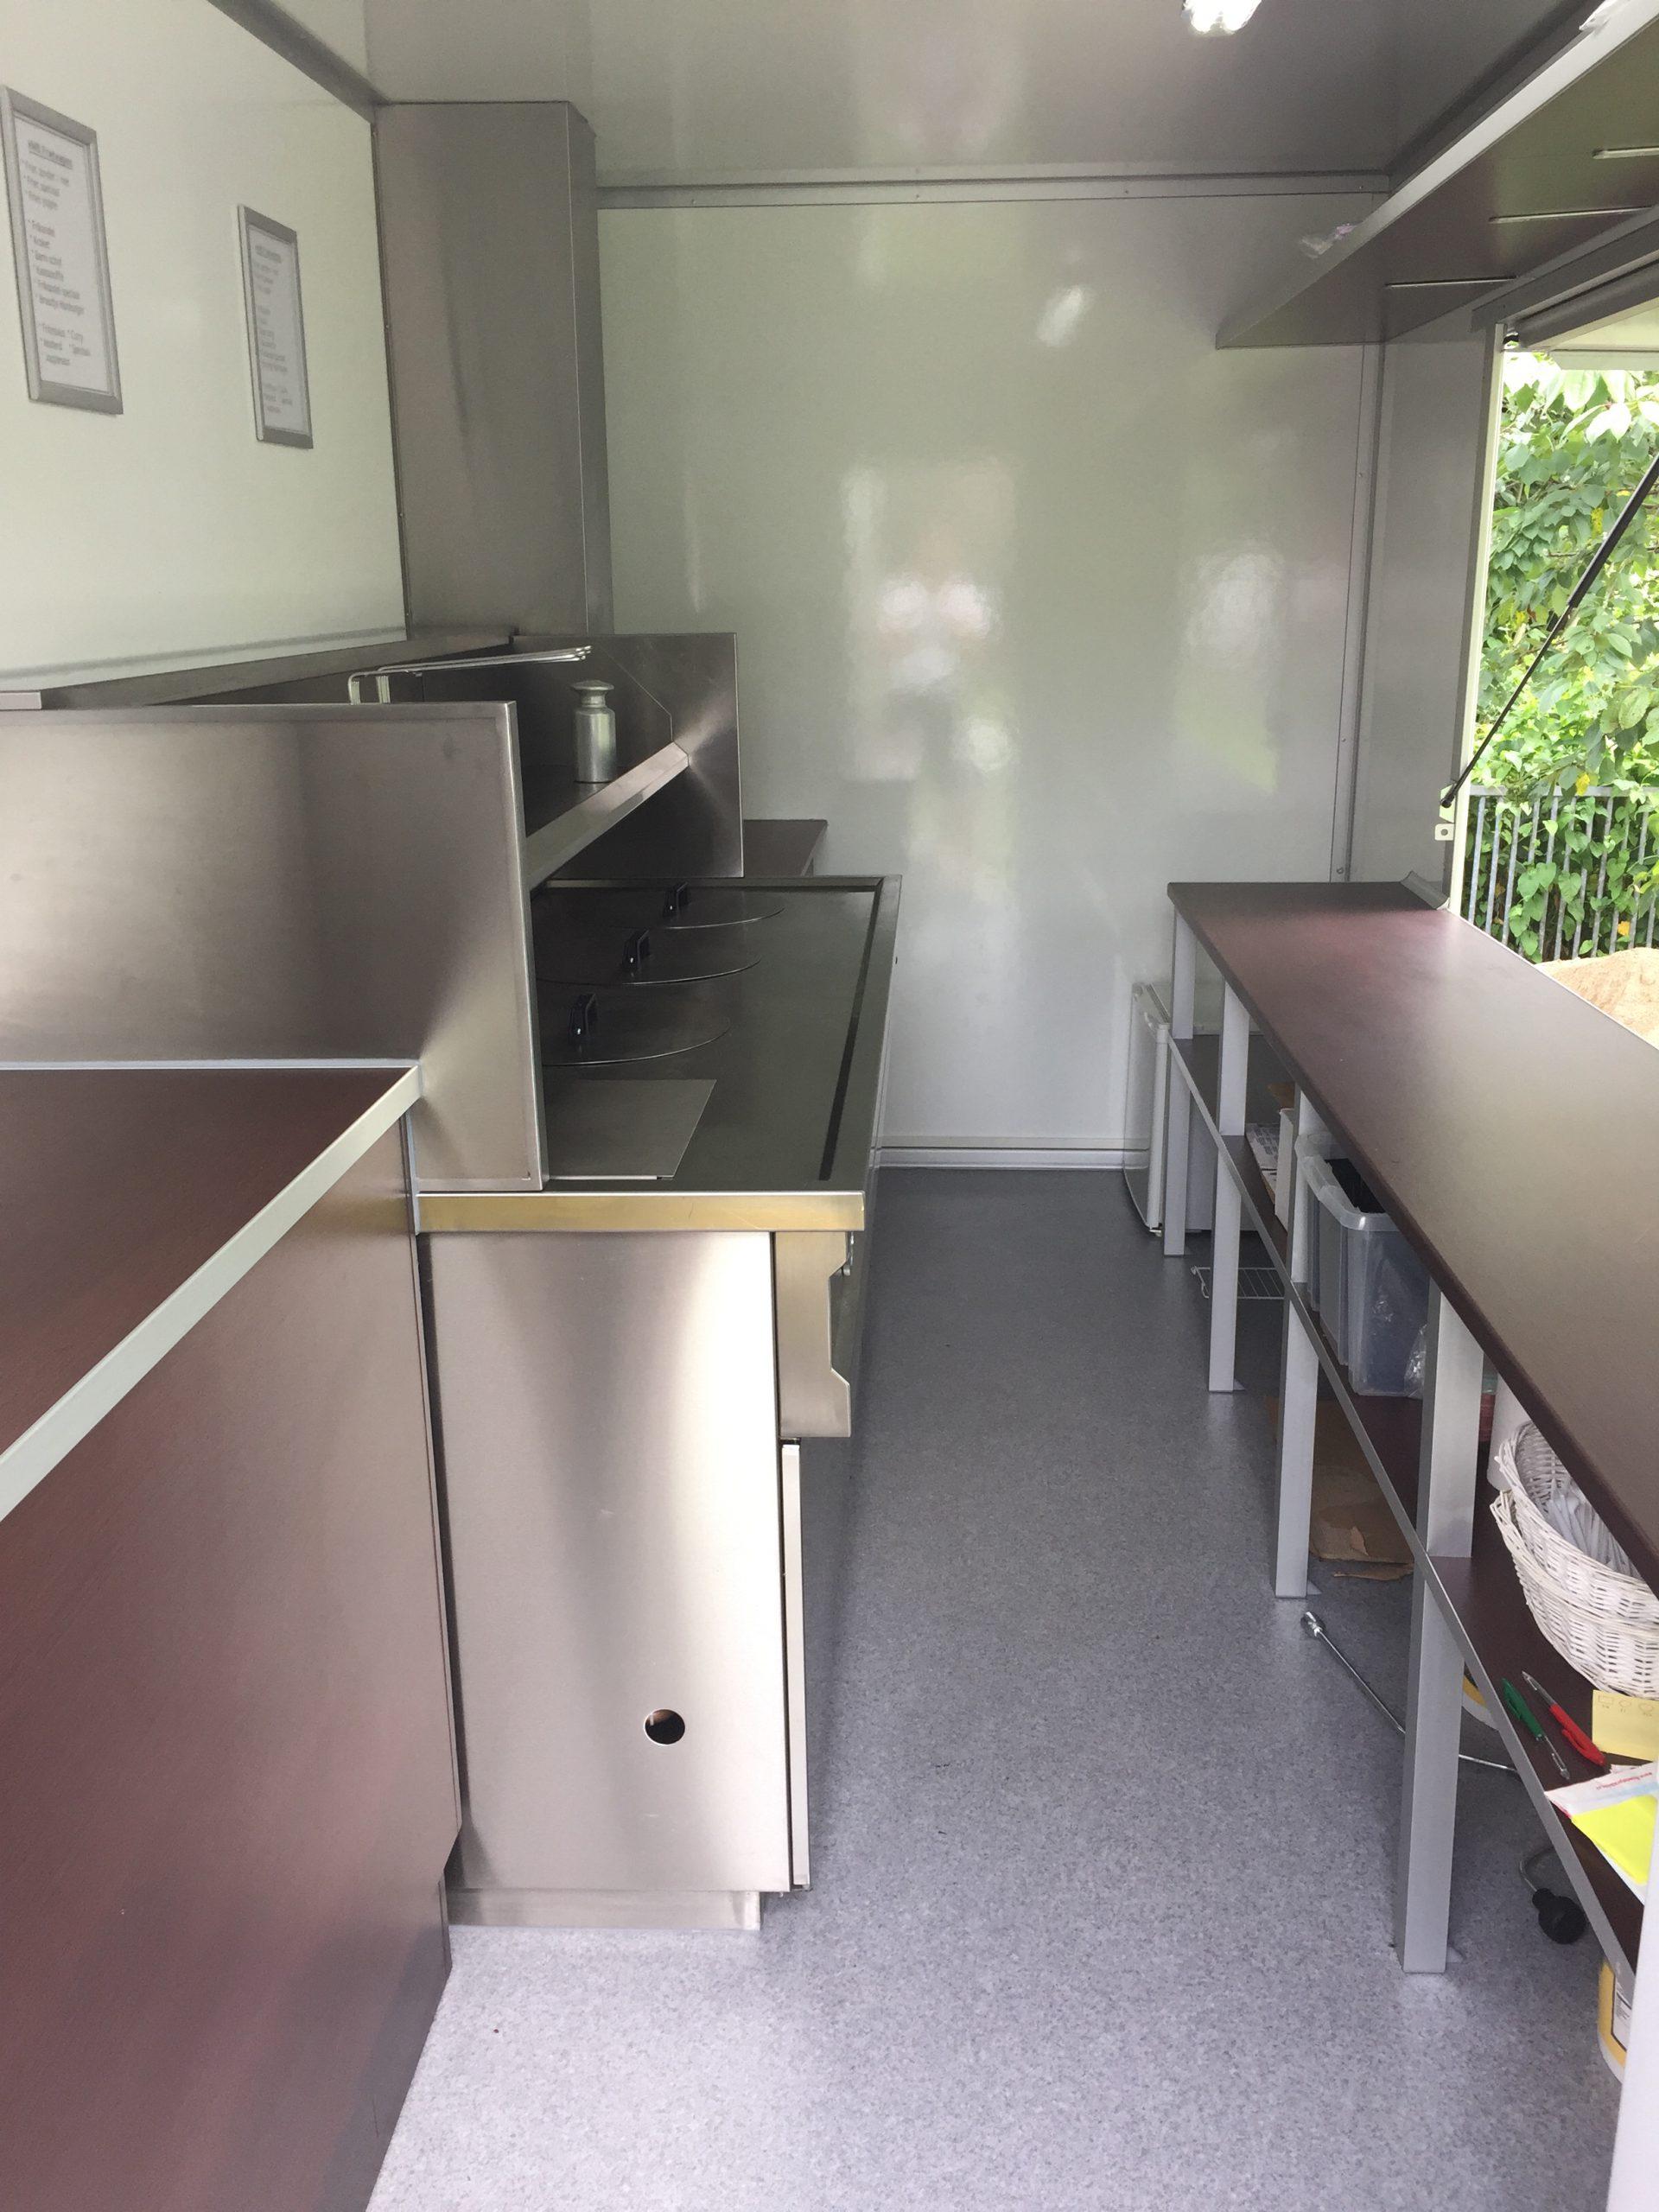 Frietwagen onbeperkt, zonder personeel